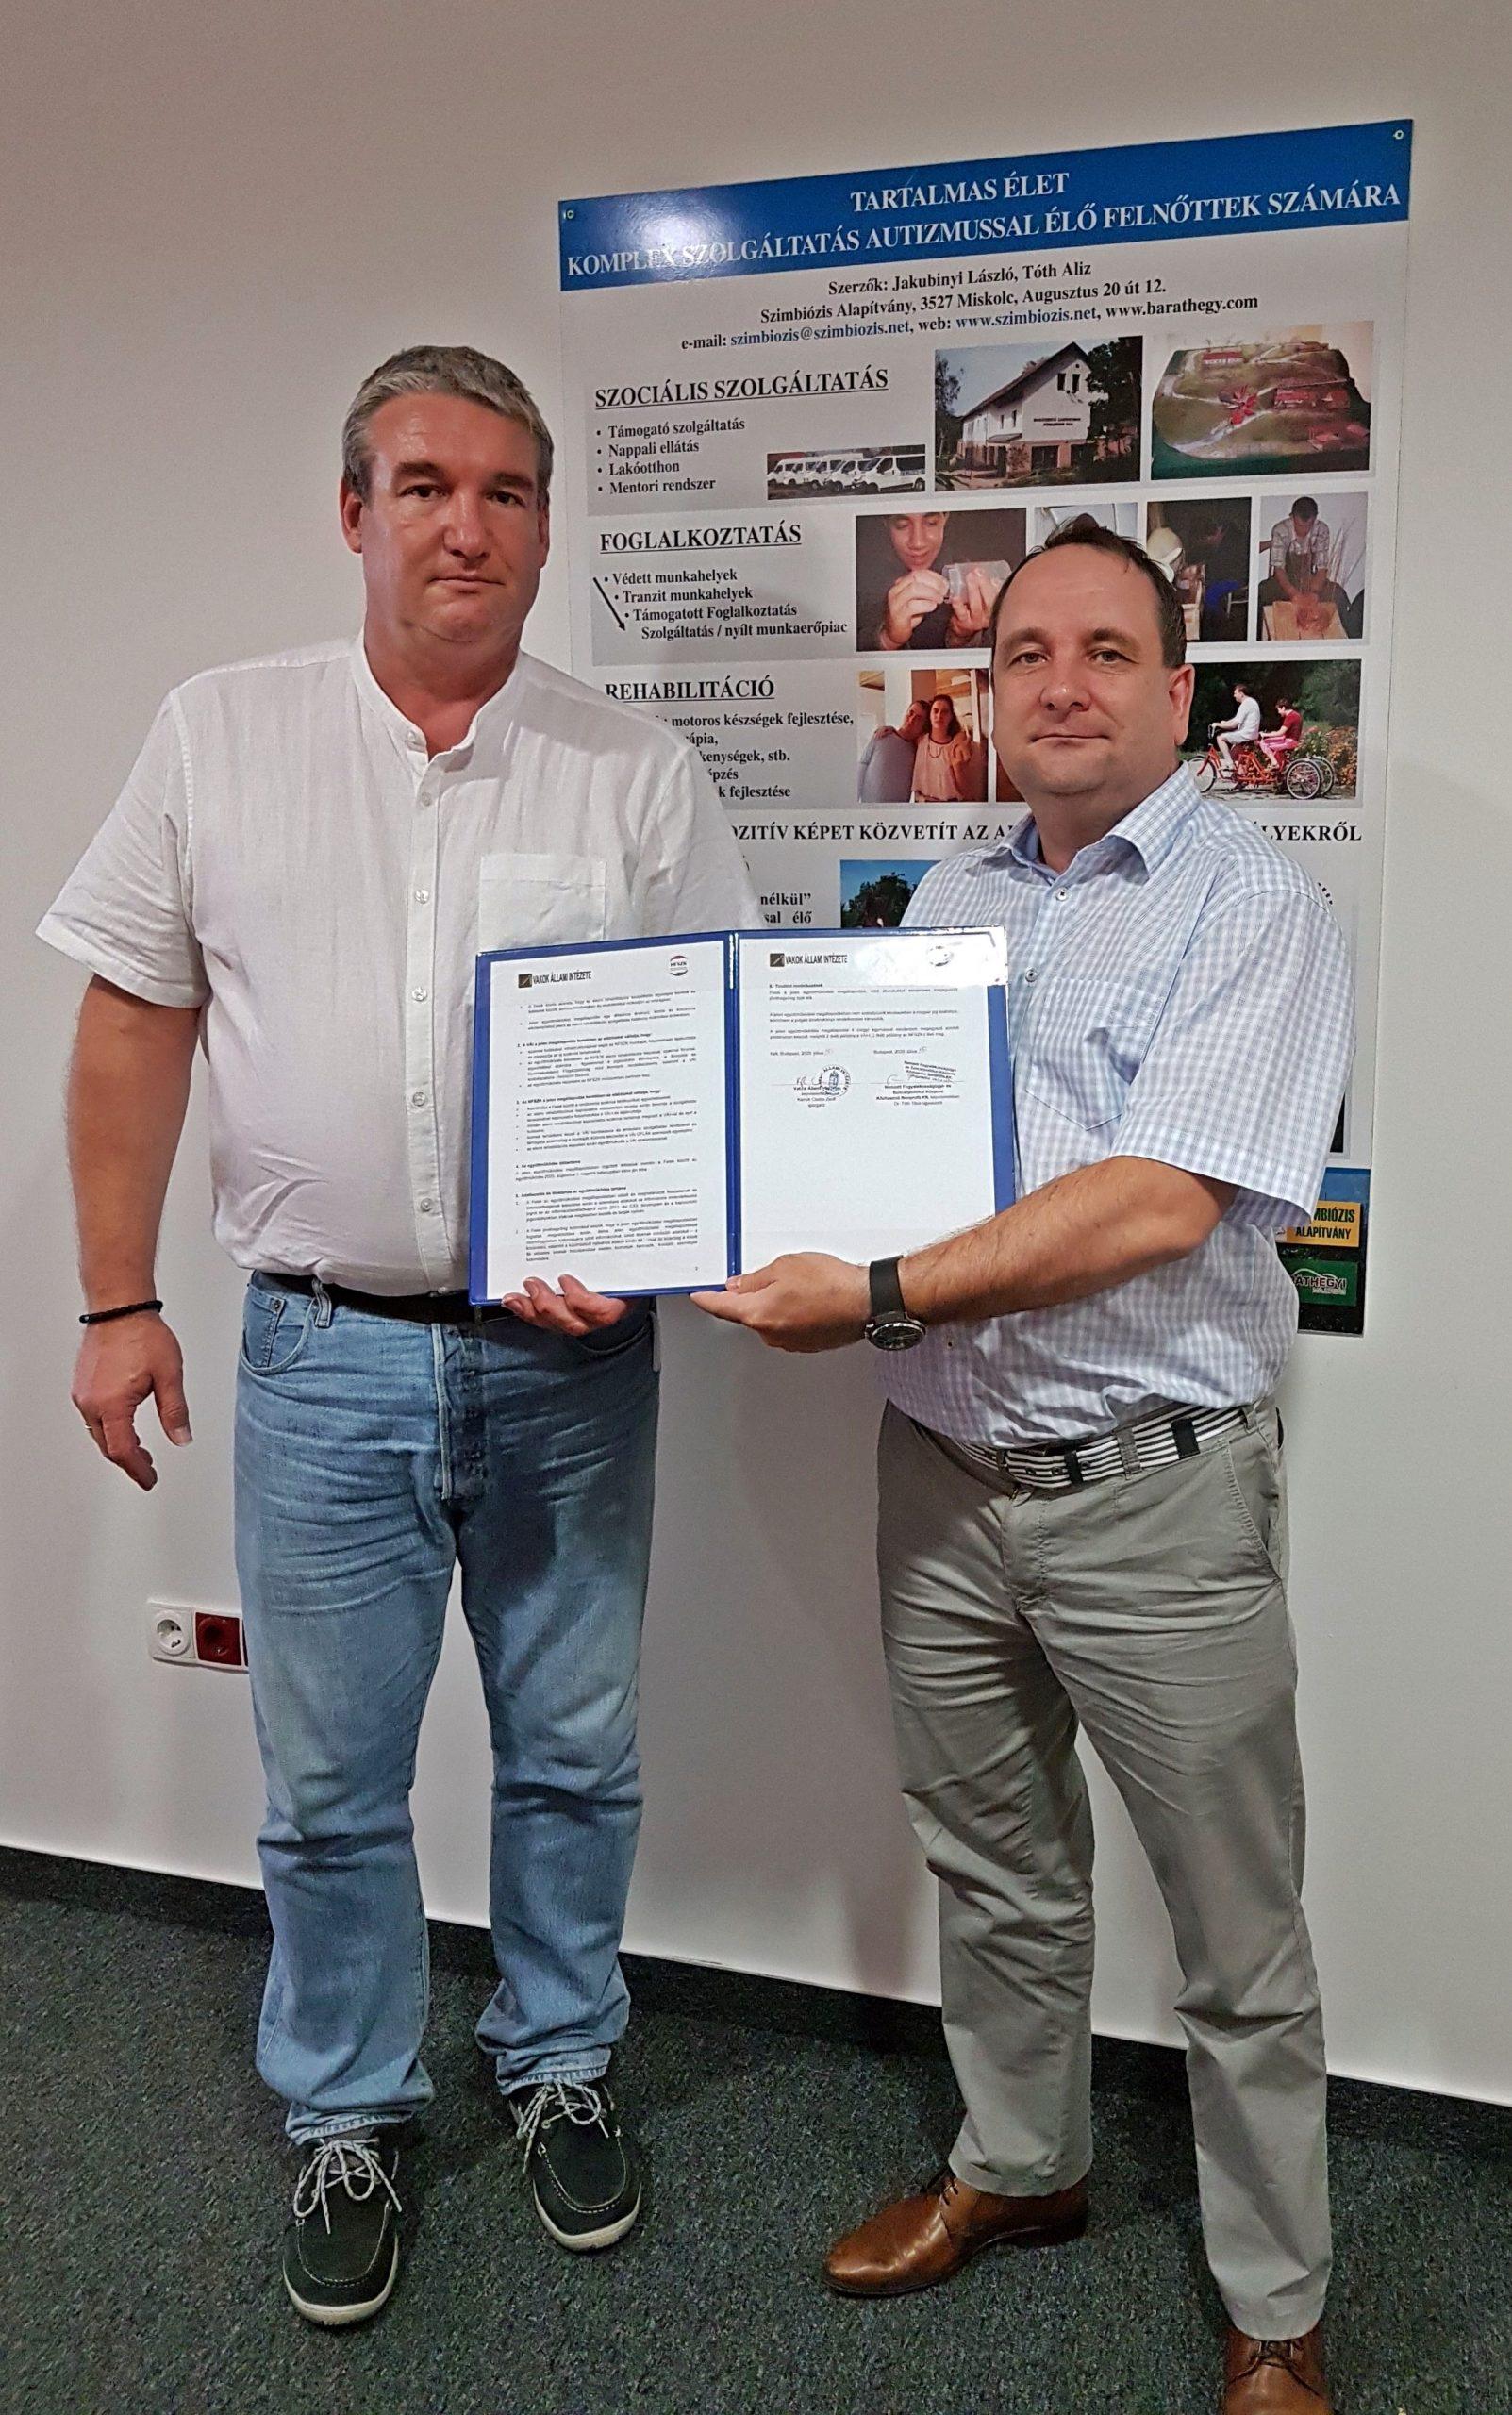 Kanyik Csaba és Tóth Tibor az aláírása után a együttműködési dokumentumot tartják a kamera felé